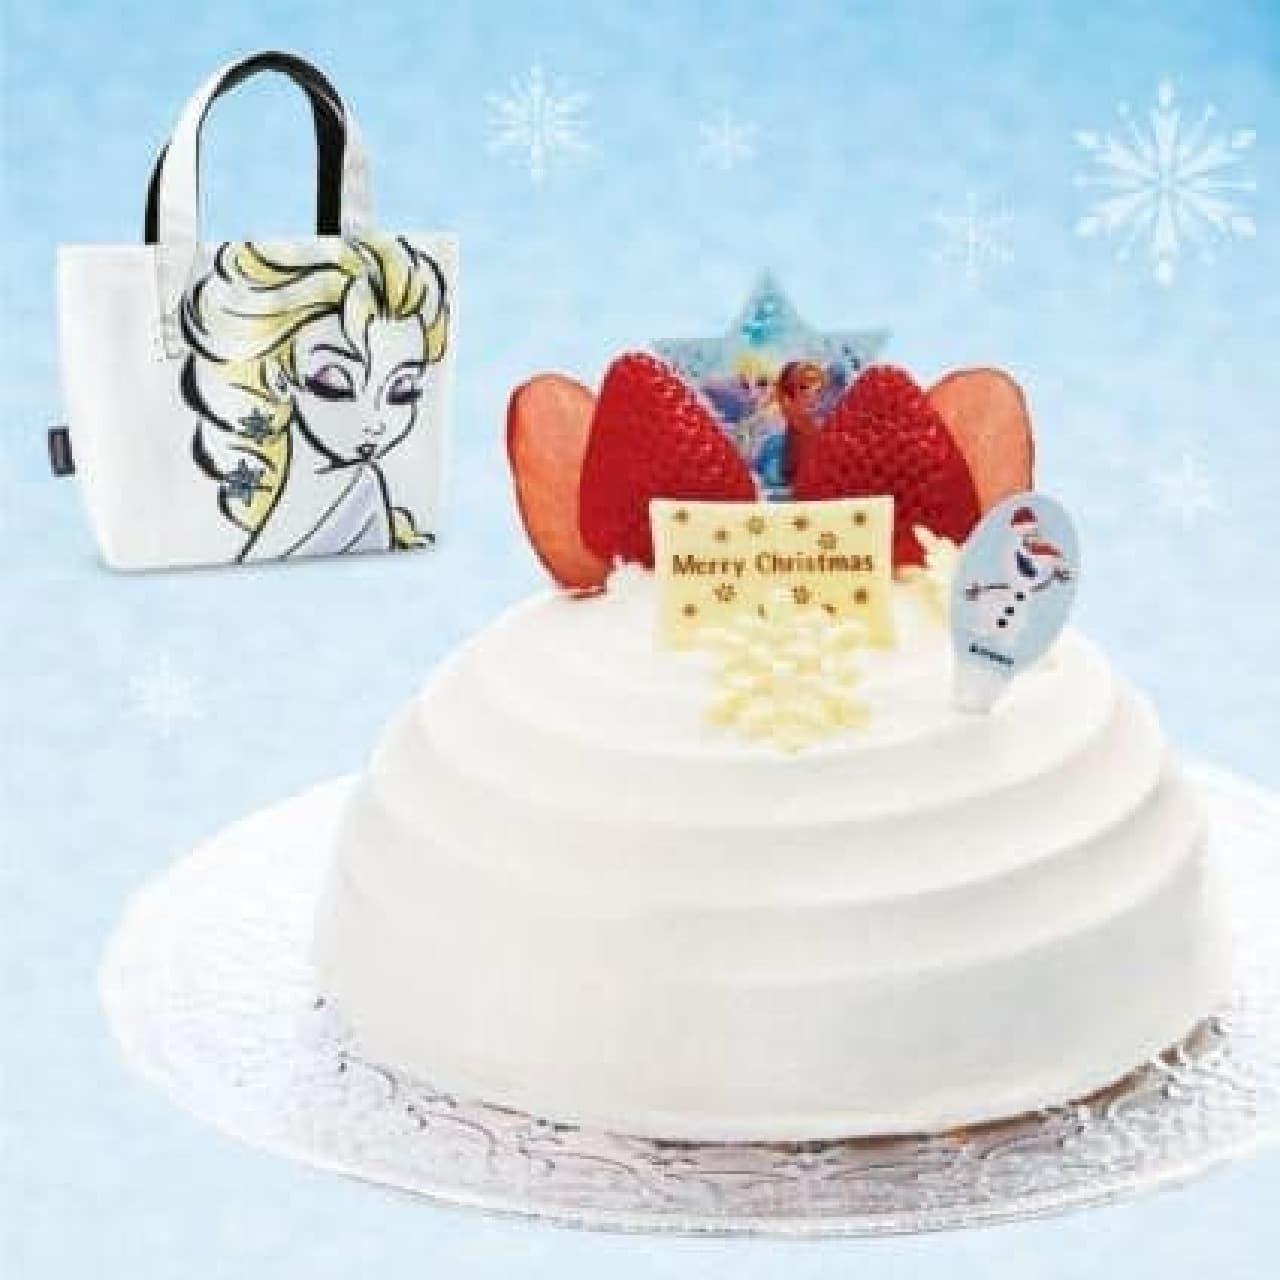 トートバッグが付属する「アナと雪の女王」のケーキ(c)Disney